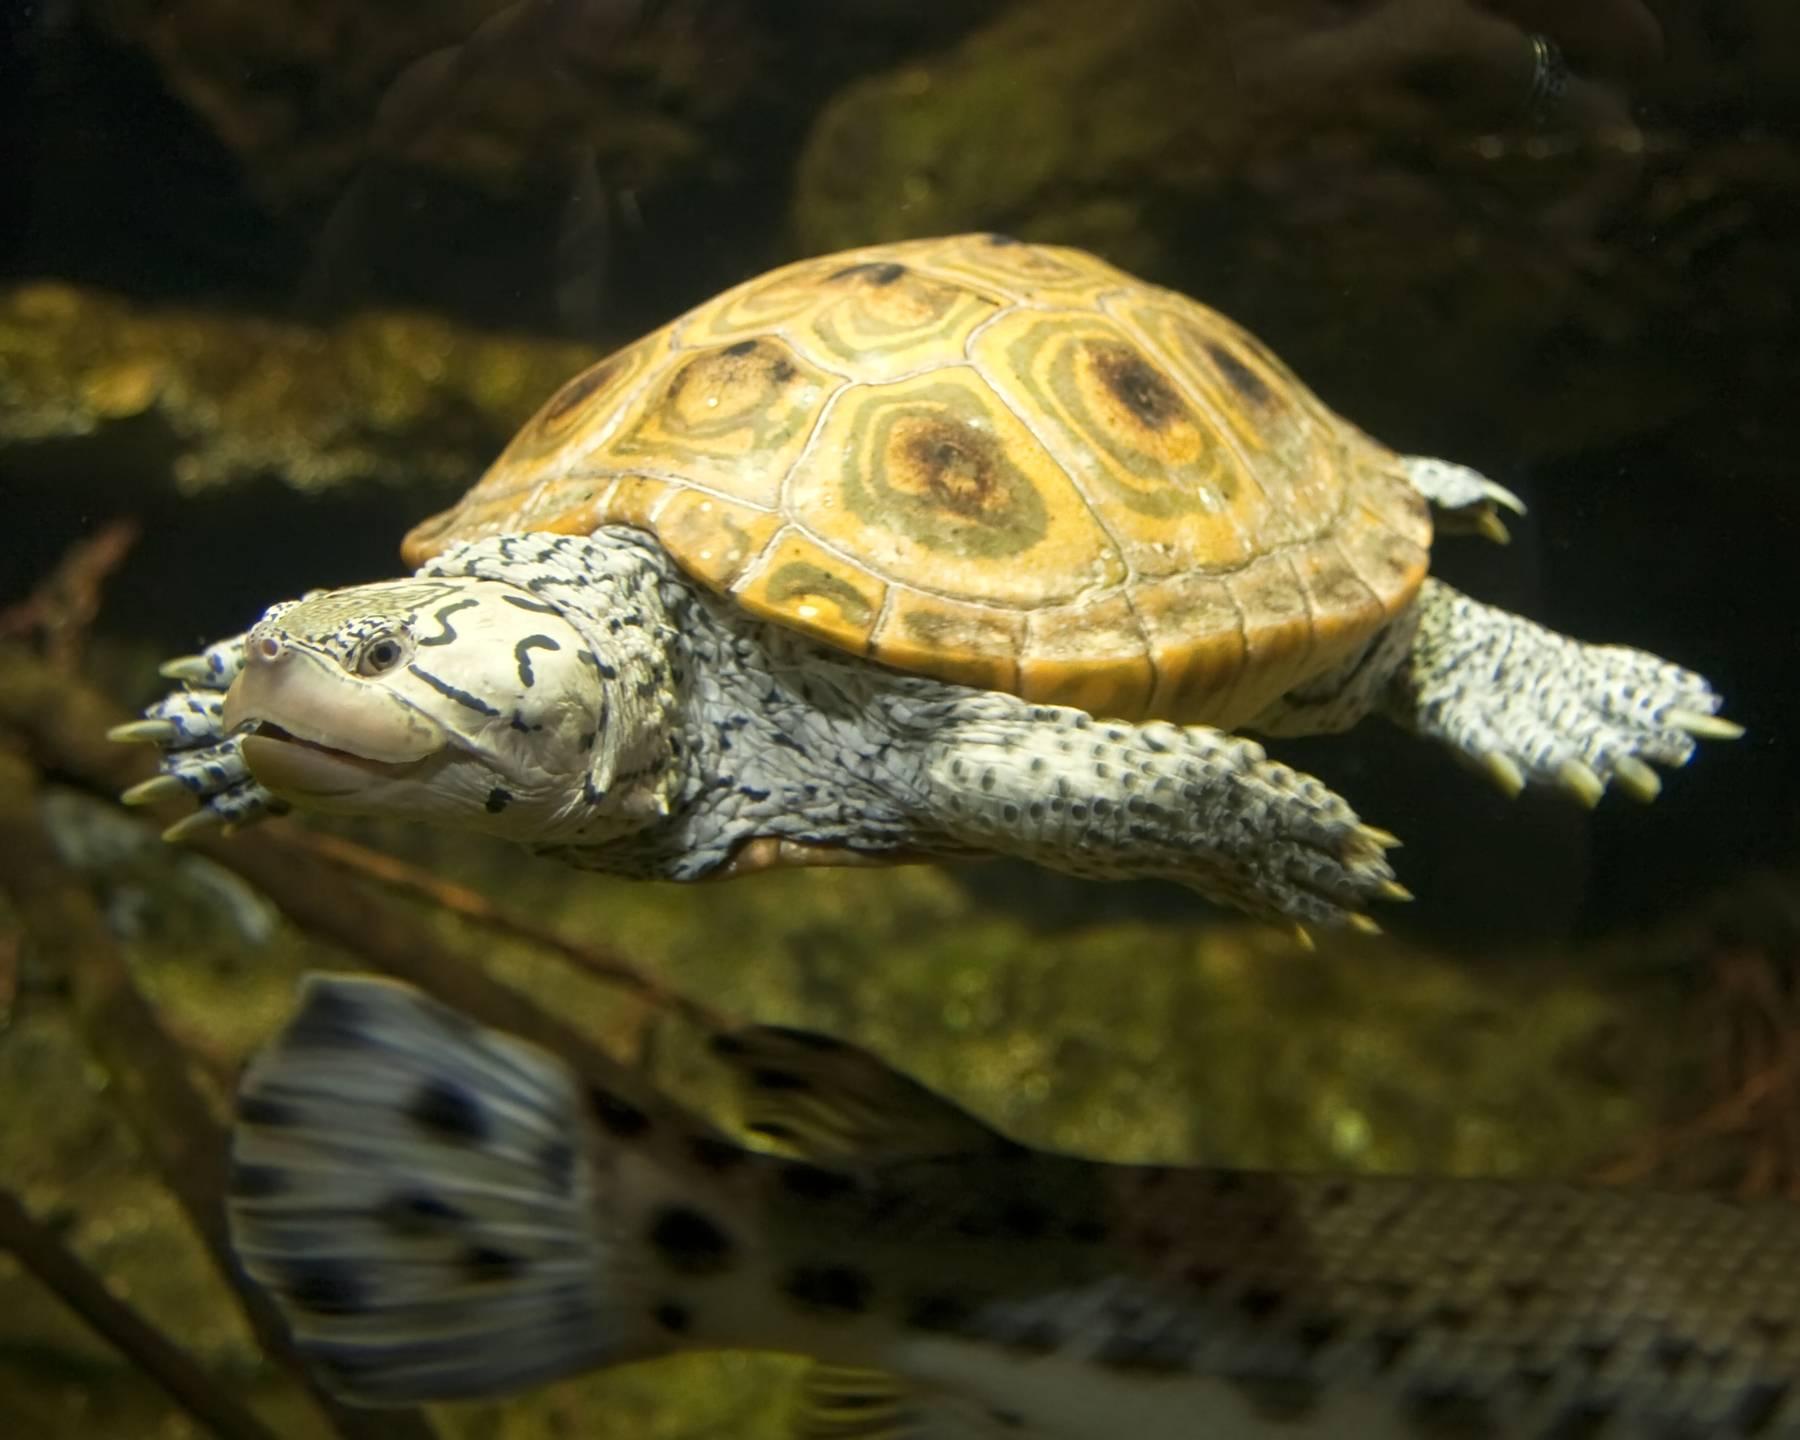 Astrochelys yniphora (мадагаскарская клювогрудая черепаха, ангонока)